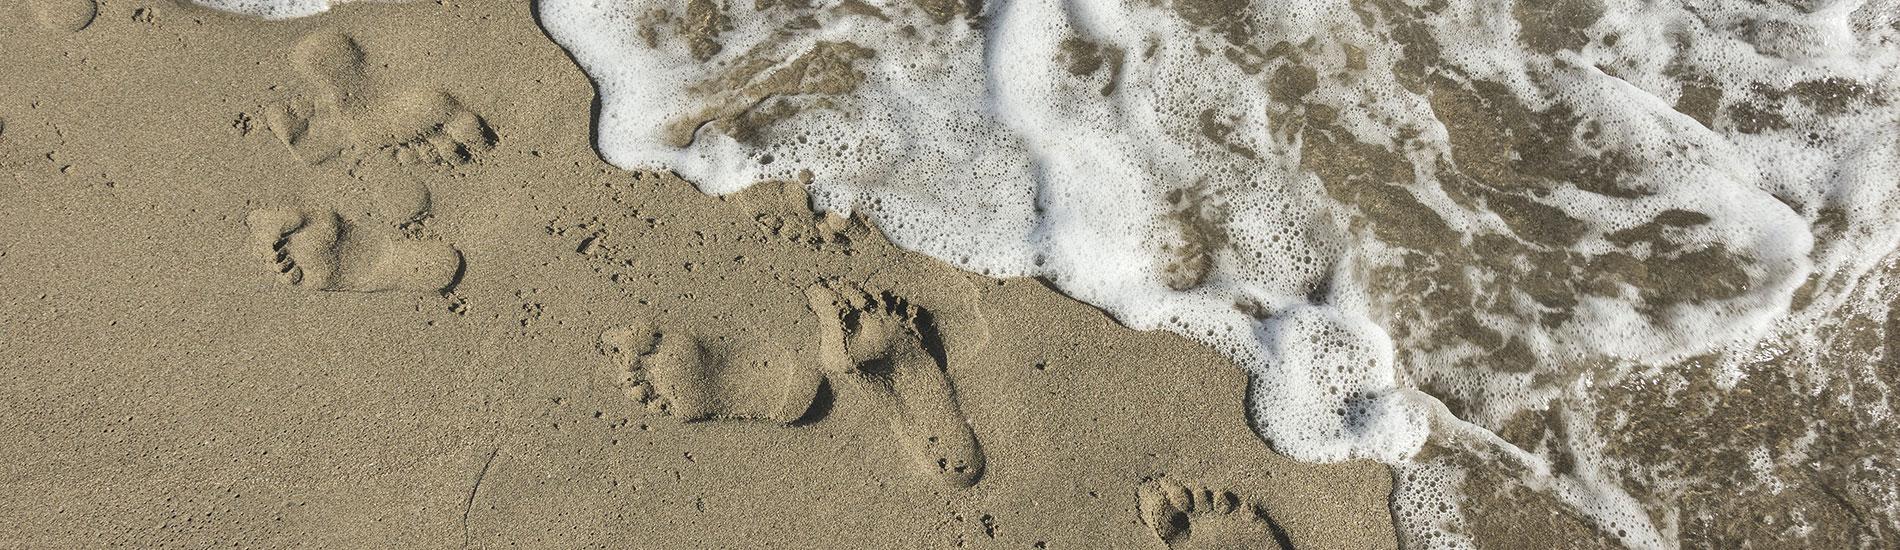 Πότε η άμμος είναι επικίνδυνη;